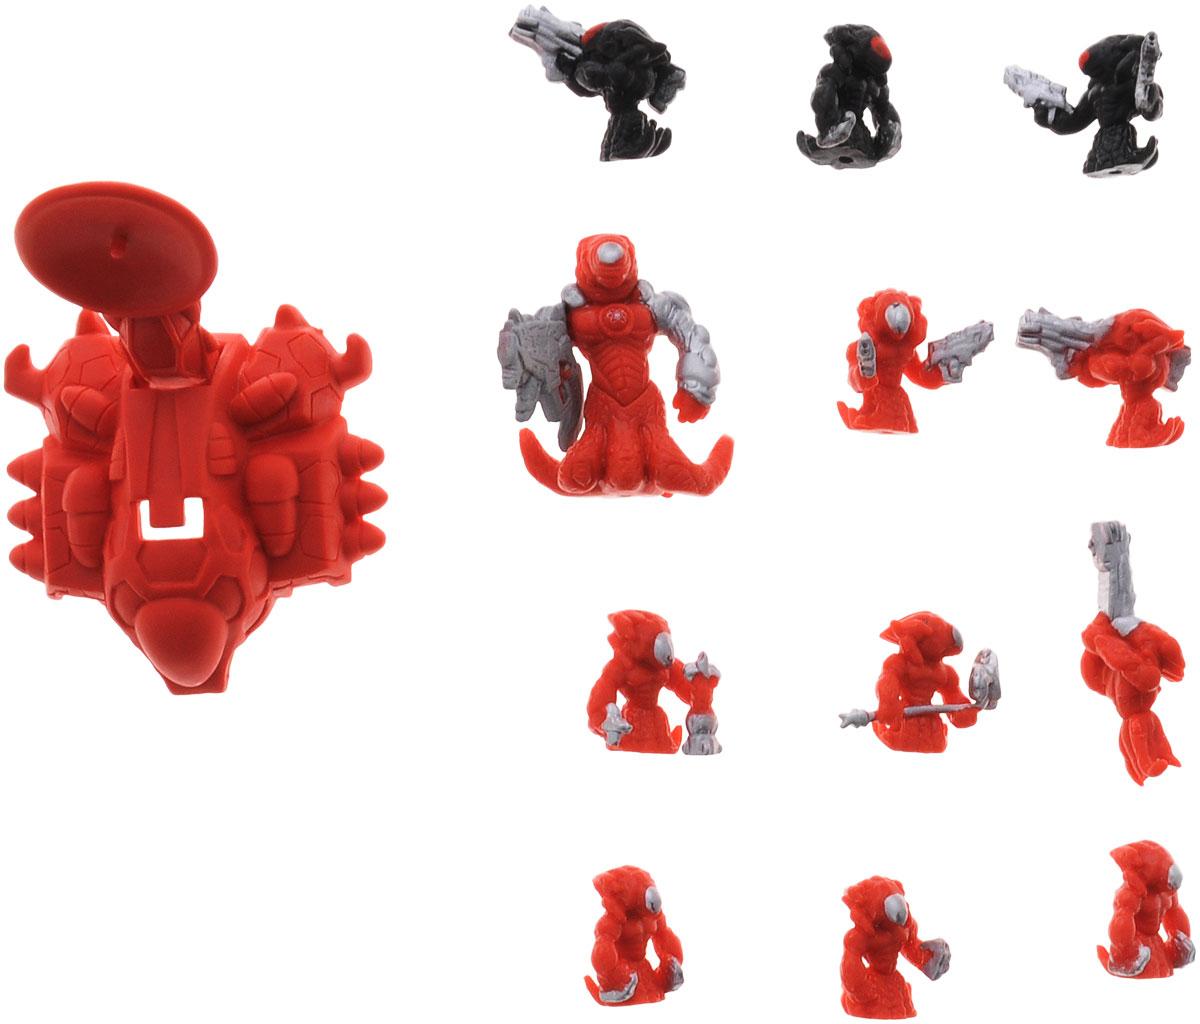 Atomicron Игровой набор Xenon Squad1170435_General XEN_красныйИгровой набор Atomicron Xenon Atom включает 12 пластиковых фигурок. 8 фигурок моллюскоподобных существ красного цвета представляют собой армию Ксенона, которой командует генерал Ксен, а 3 черных фигурки - их противники. В набор также входит катапульта - уникальное оружие, которое может стрелять солдатами-микронами. В Atomicron персонажи представлены классами химических элементов и их противоположностей. Таким образом, дети знакомятся с миром химии посредством увлекательной игры! Соберите все армии союзов Материи и их грозных противников - Антиматерии, чтобы устроить эпичное миниатюрное сражение за мир и порядок во Вселенной!